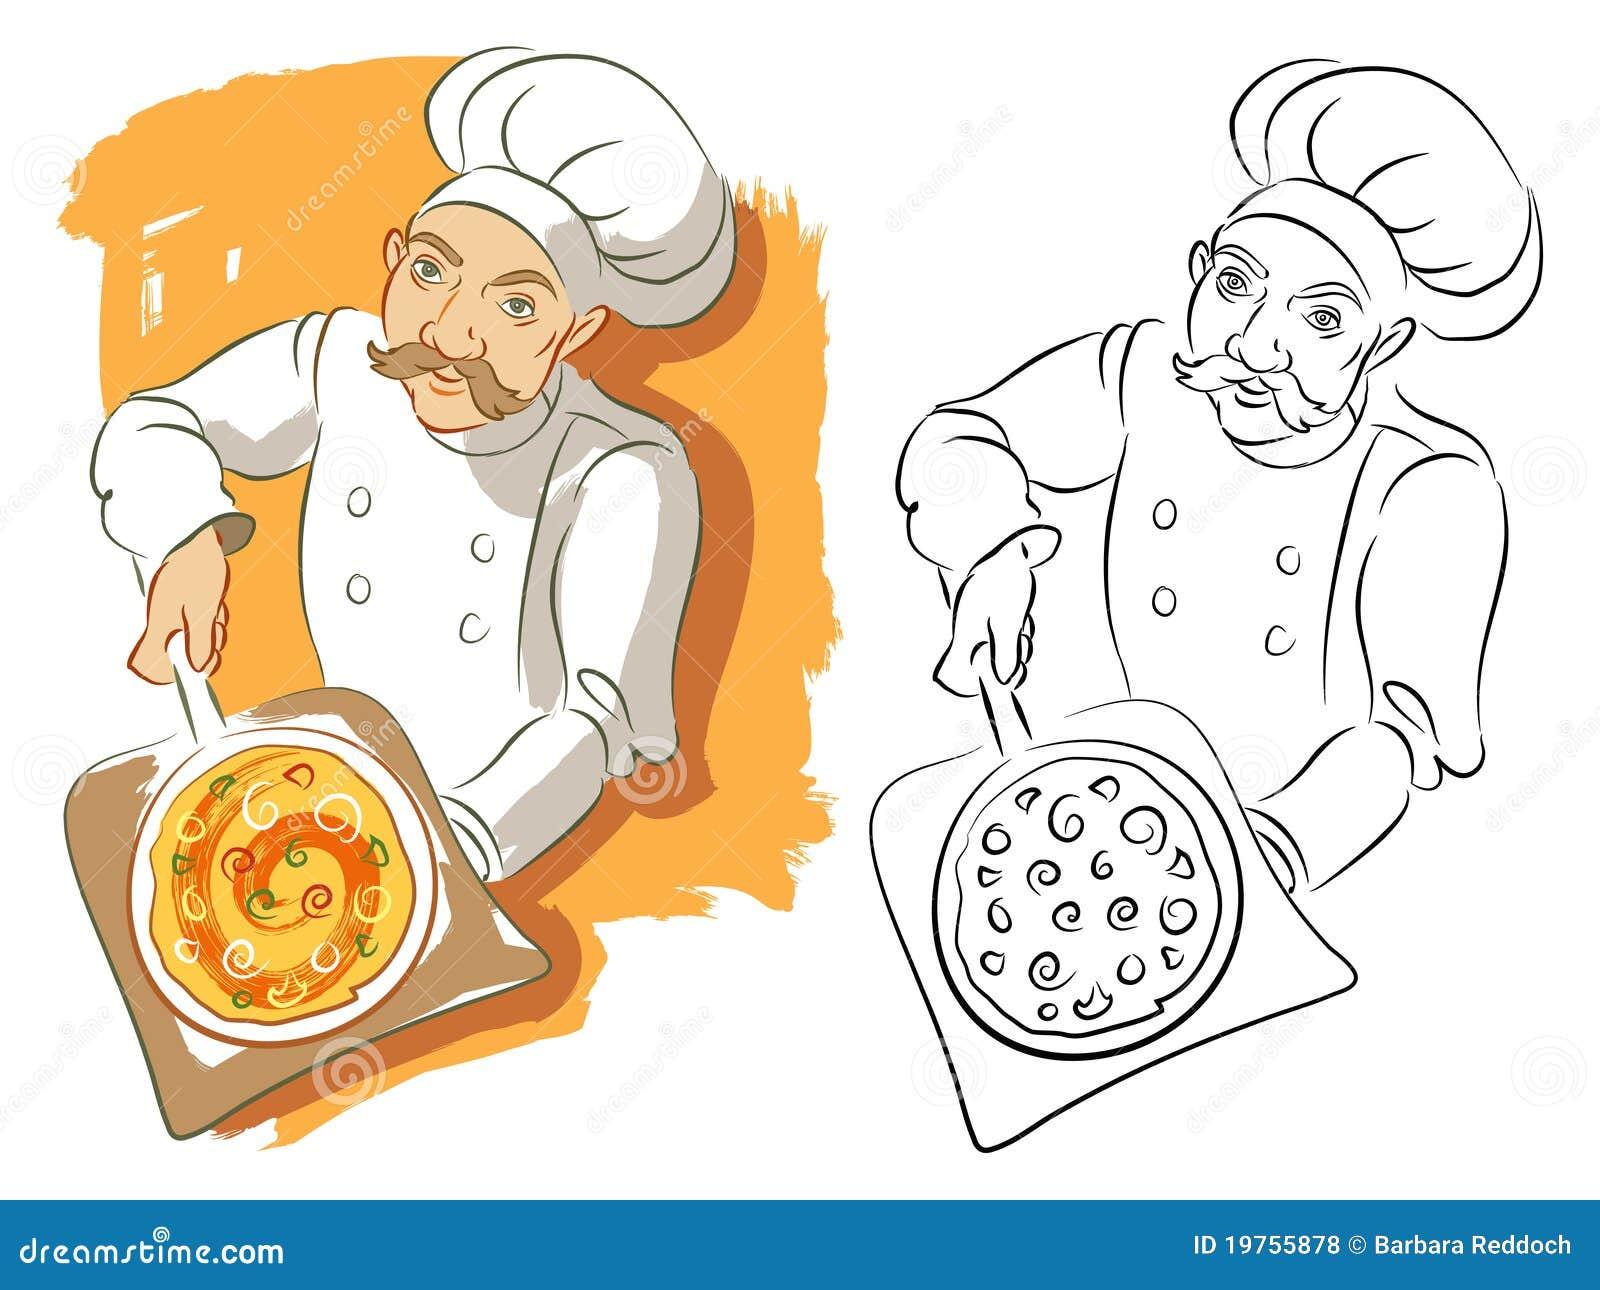 Cozinheiro chefe da pizza na cor mais a versão preto e branco